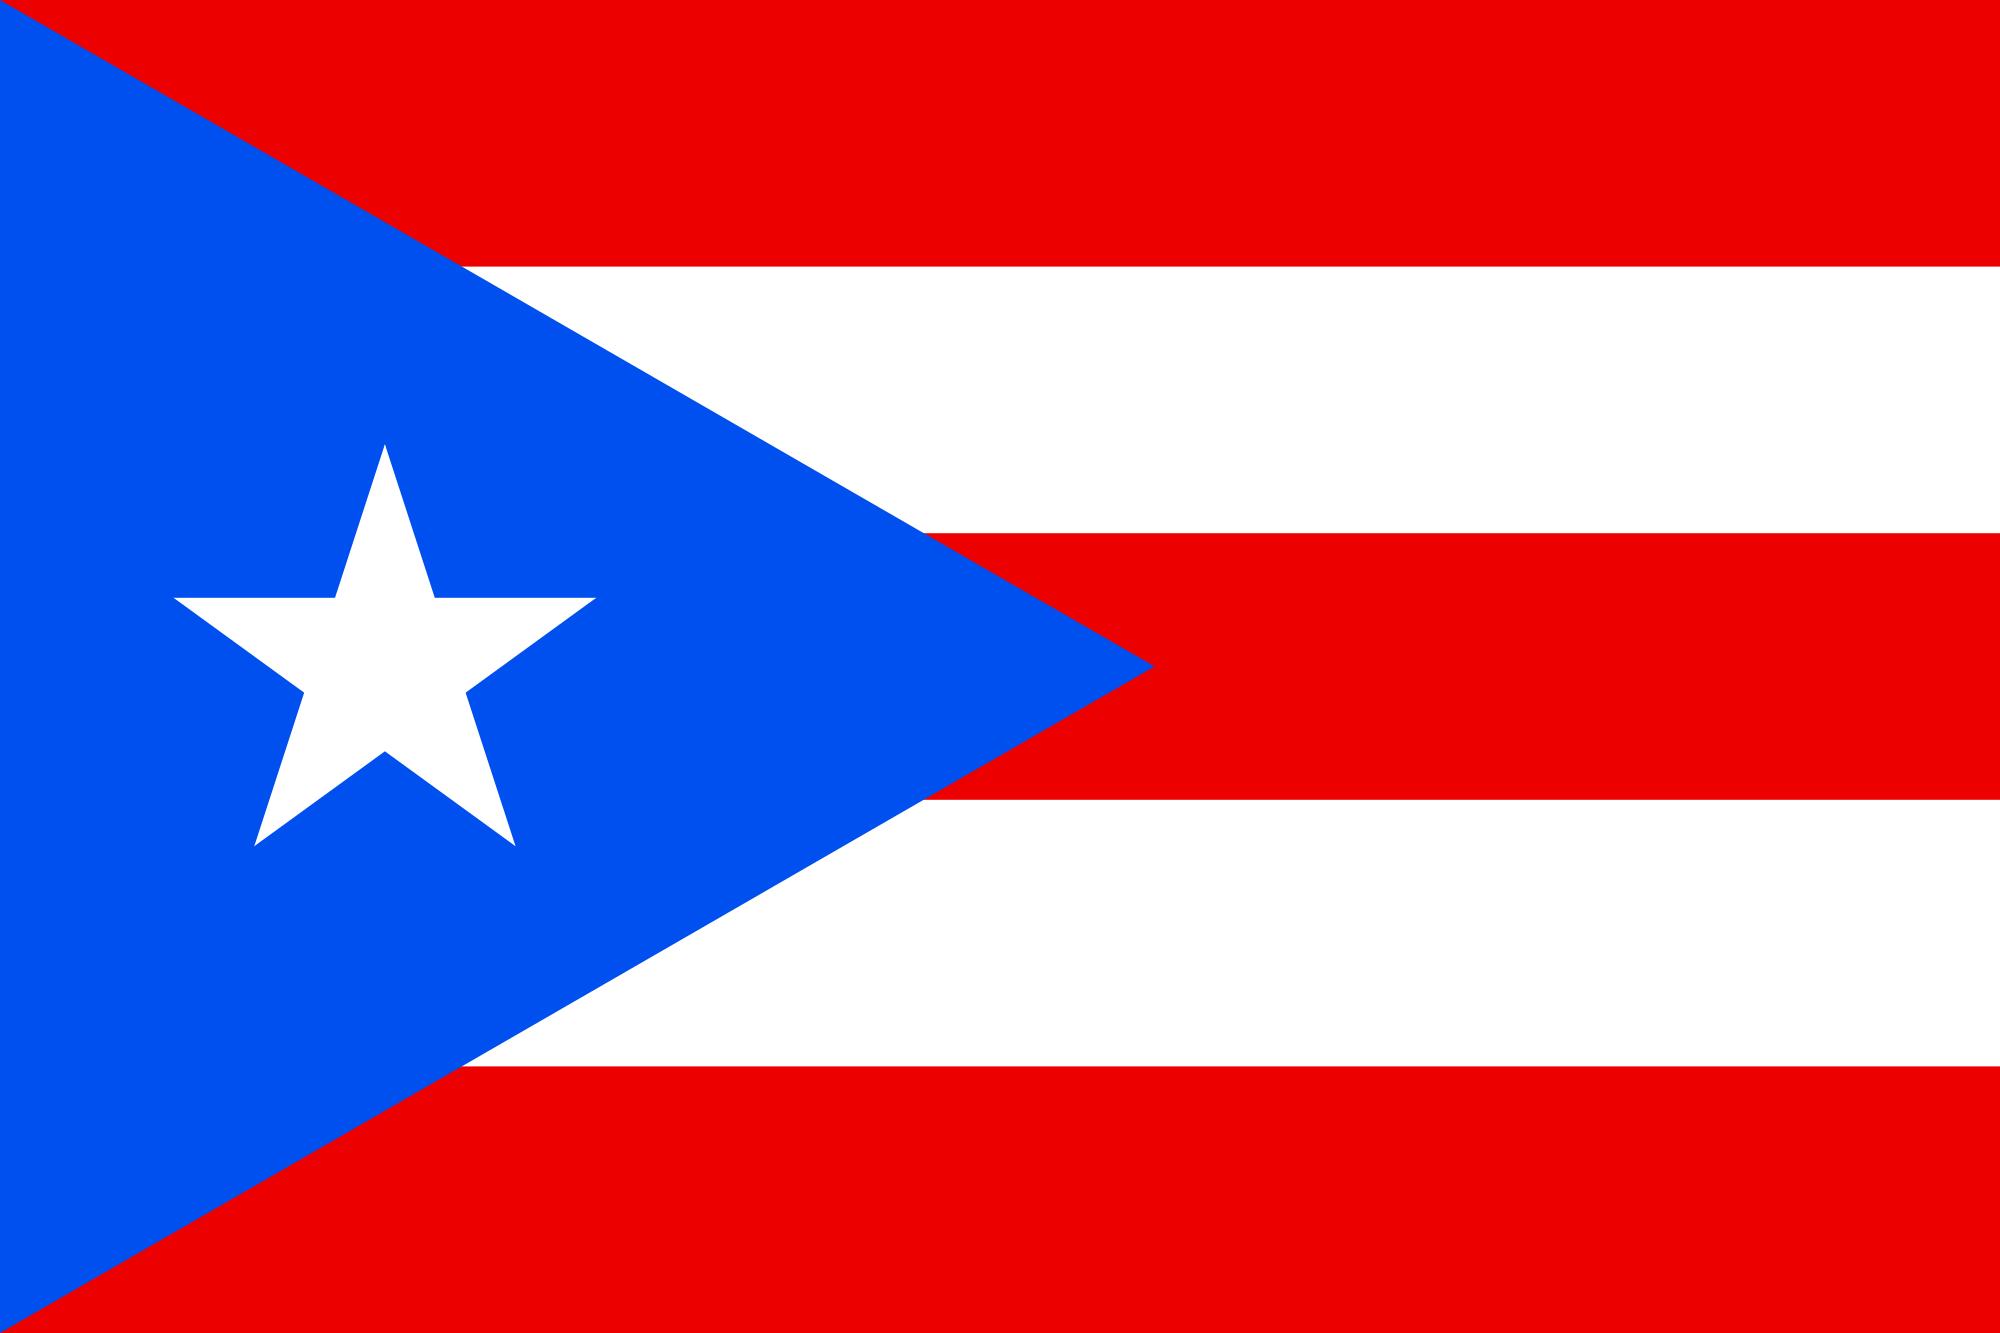 puerto rico, país, emblema, insignia, símbolo - Fondos de Pantalla HD - professor-falken.com